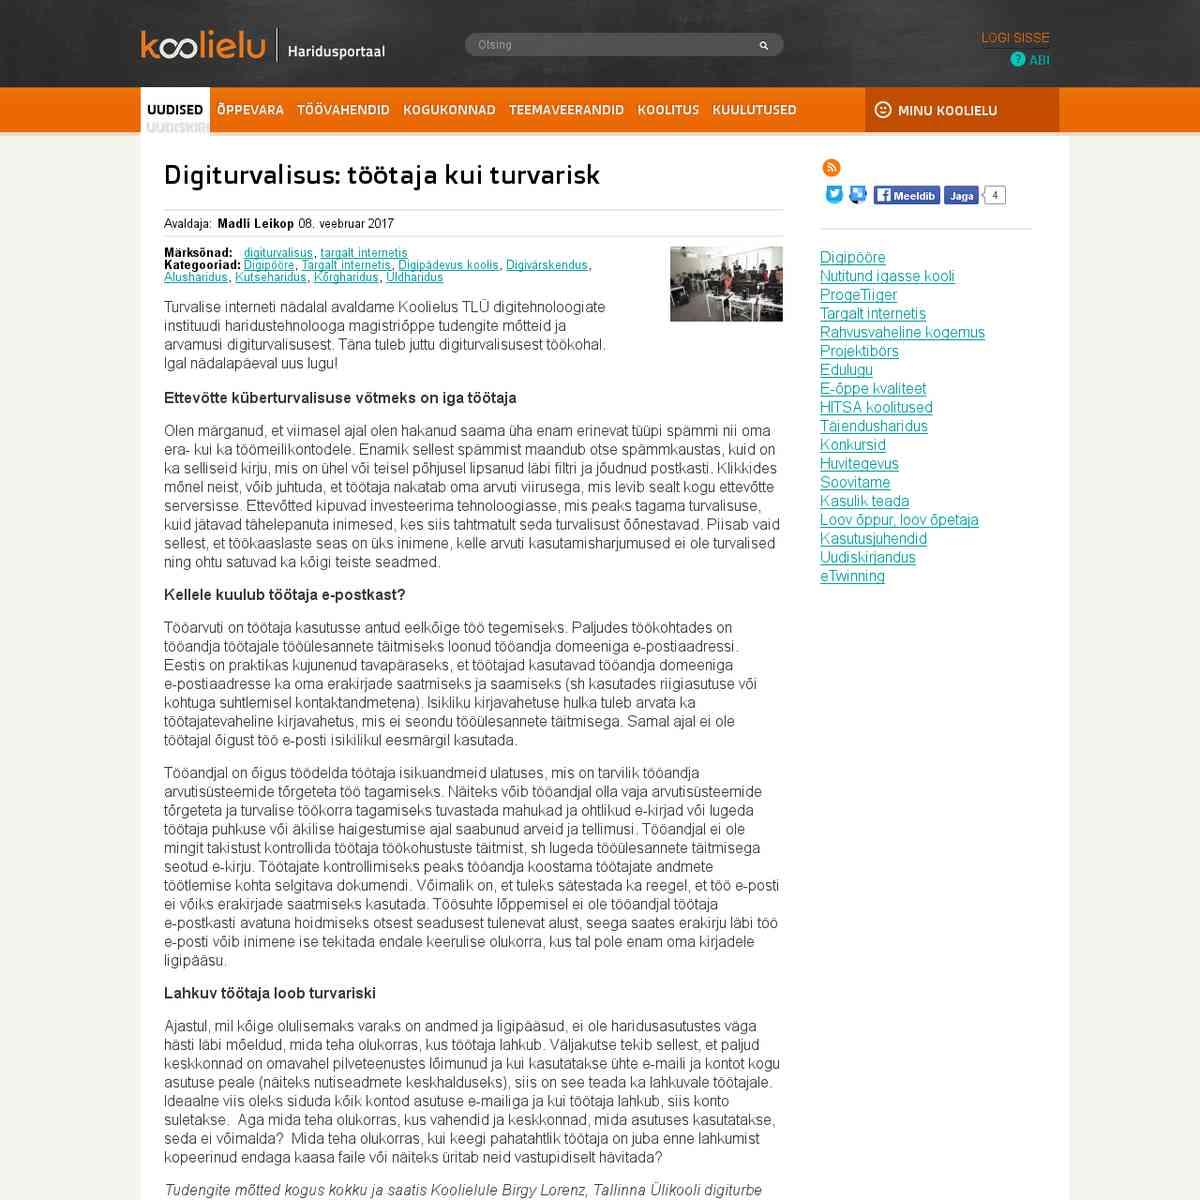 Digiturvalisus: töötaja kui turvarisk : Koolielu